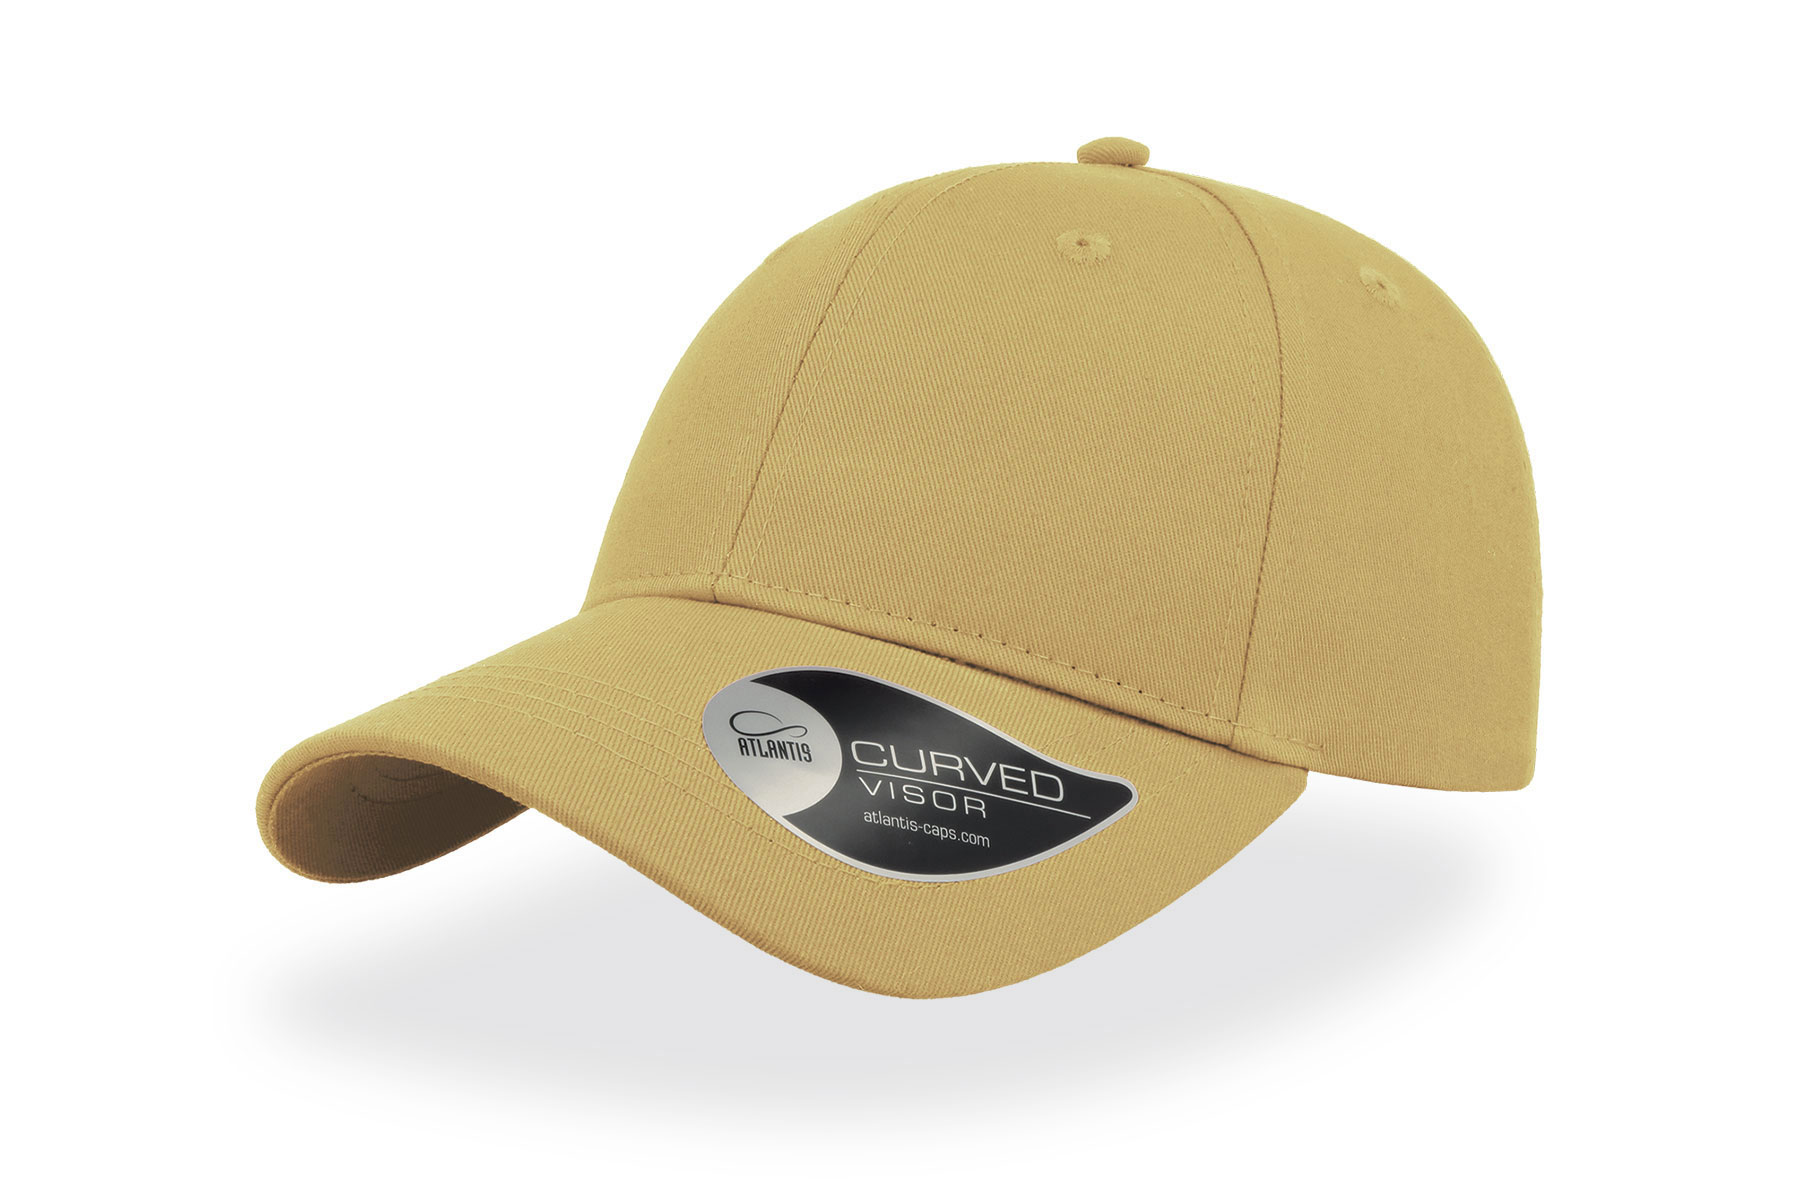 Hit lippis - NEW 2019 ATLANTIS CAPS & HATS - HITC - 2